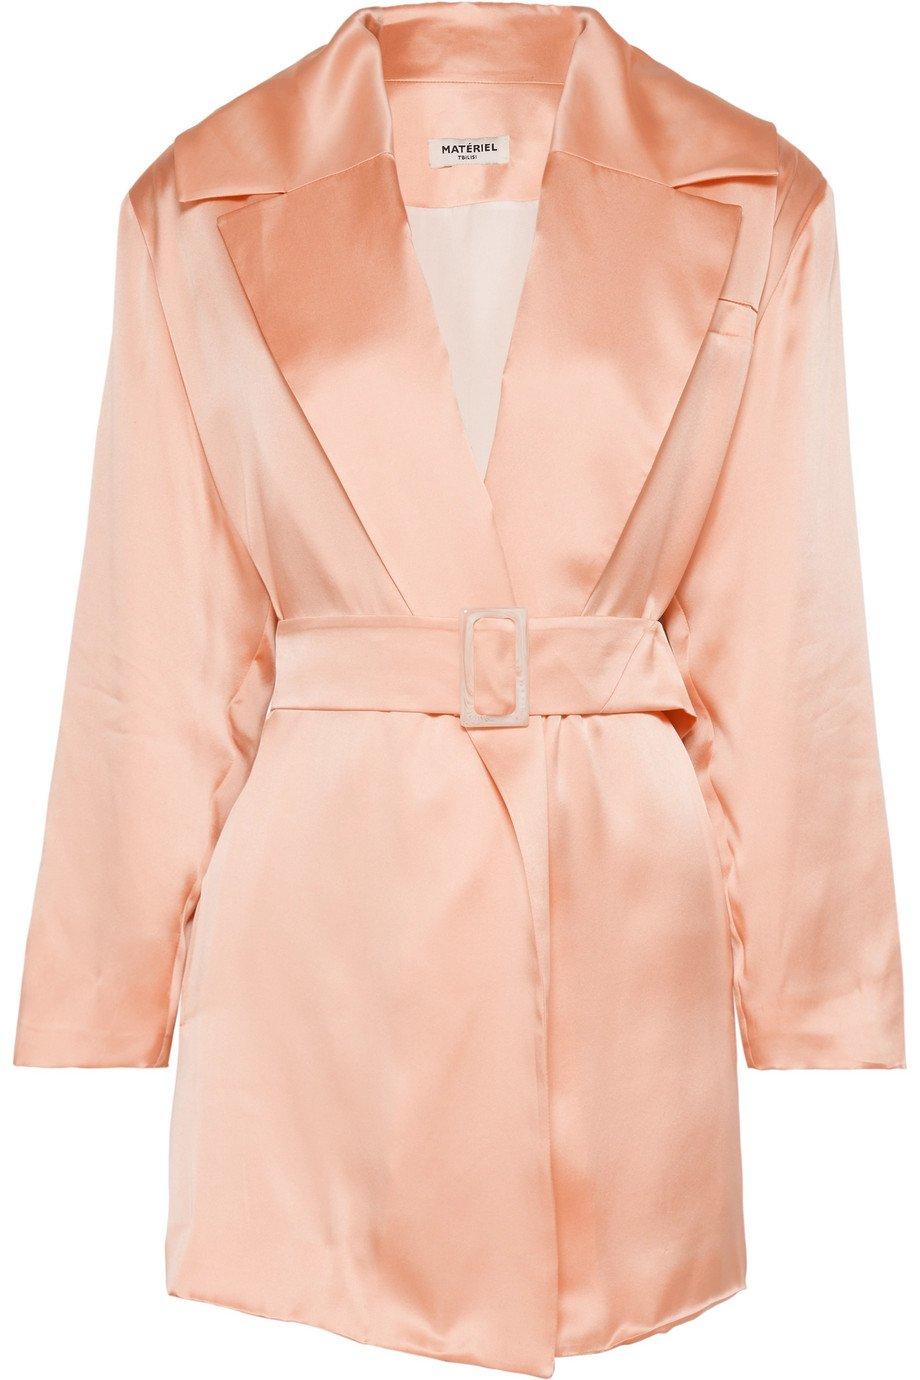 MATÉRIEL | Belted silk-satin blazer | NET-A-PORTER.COM